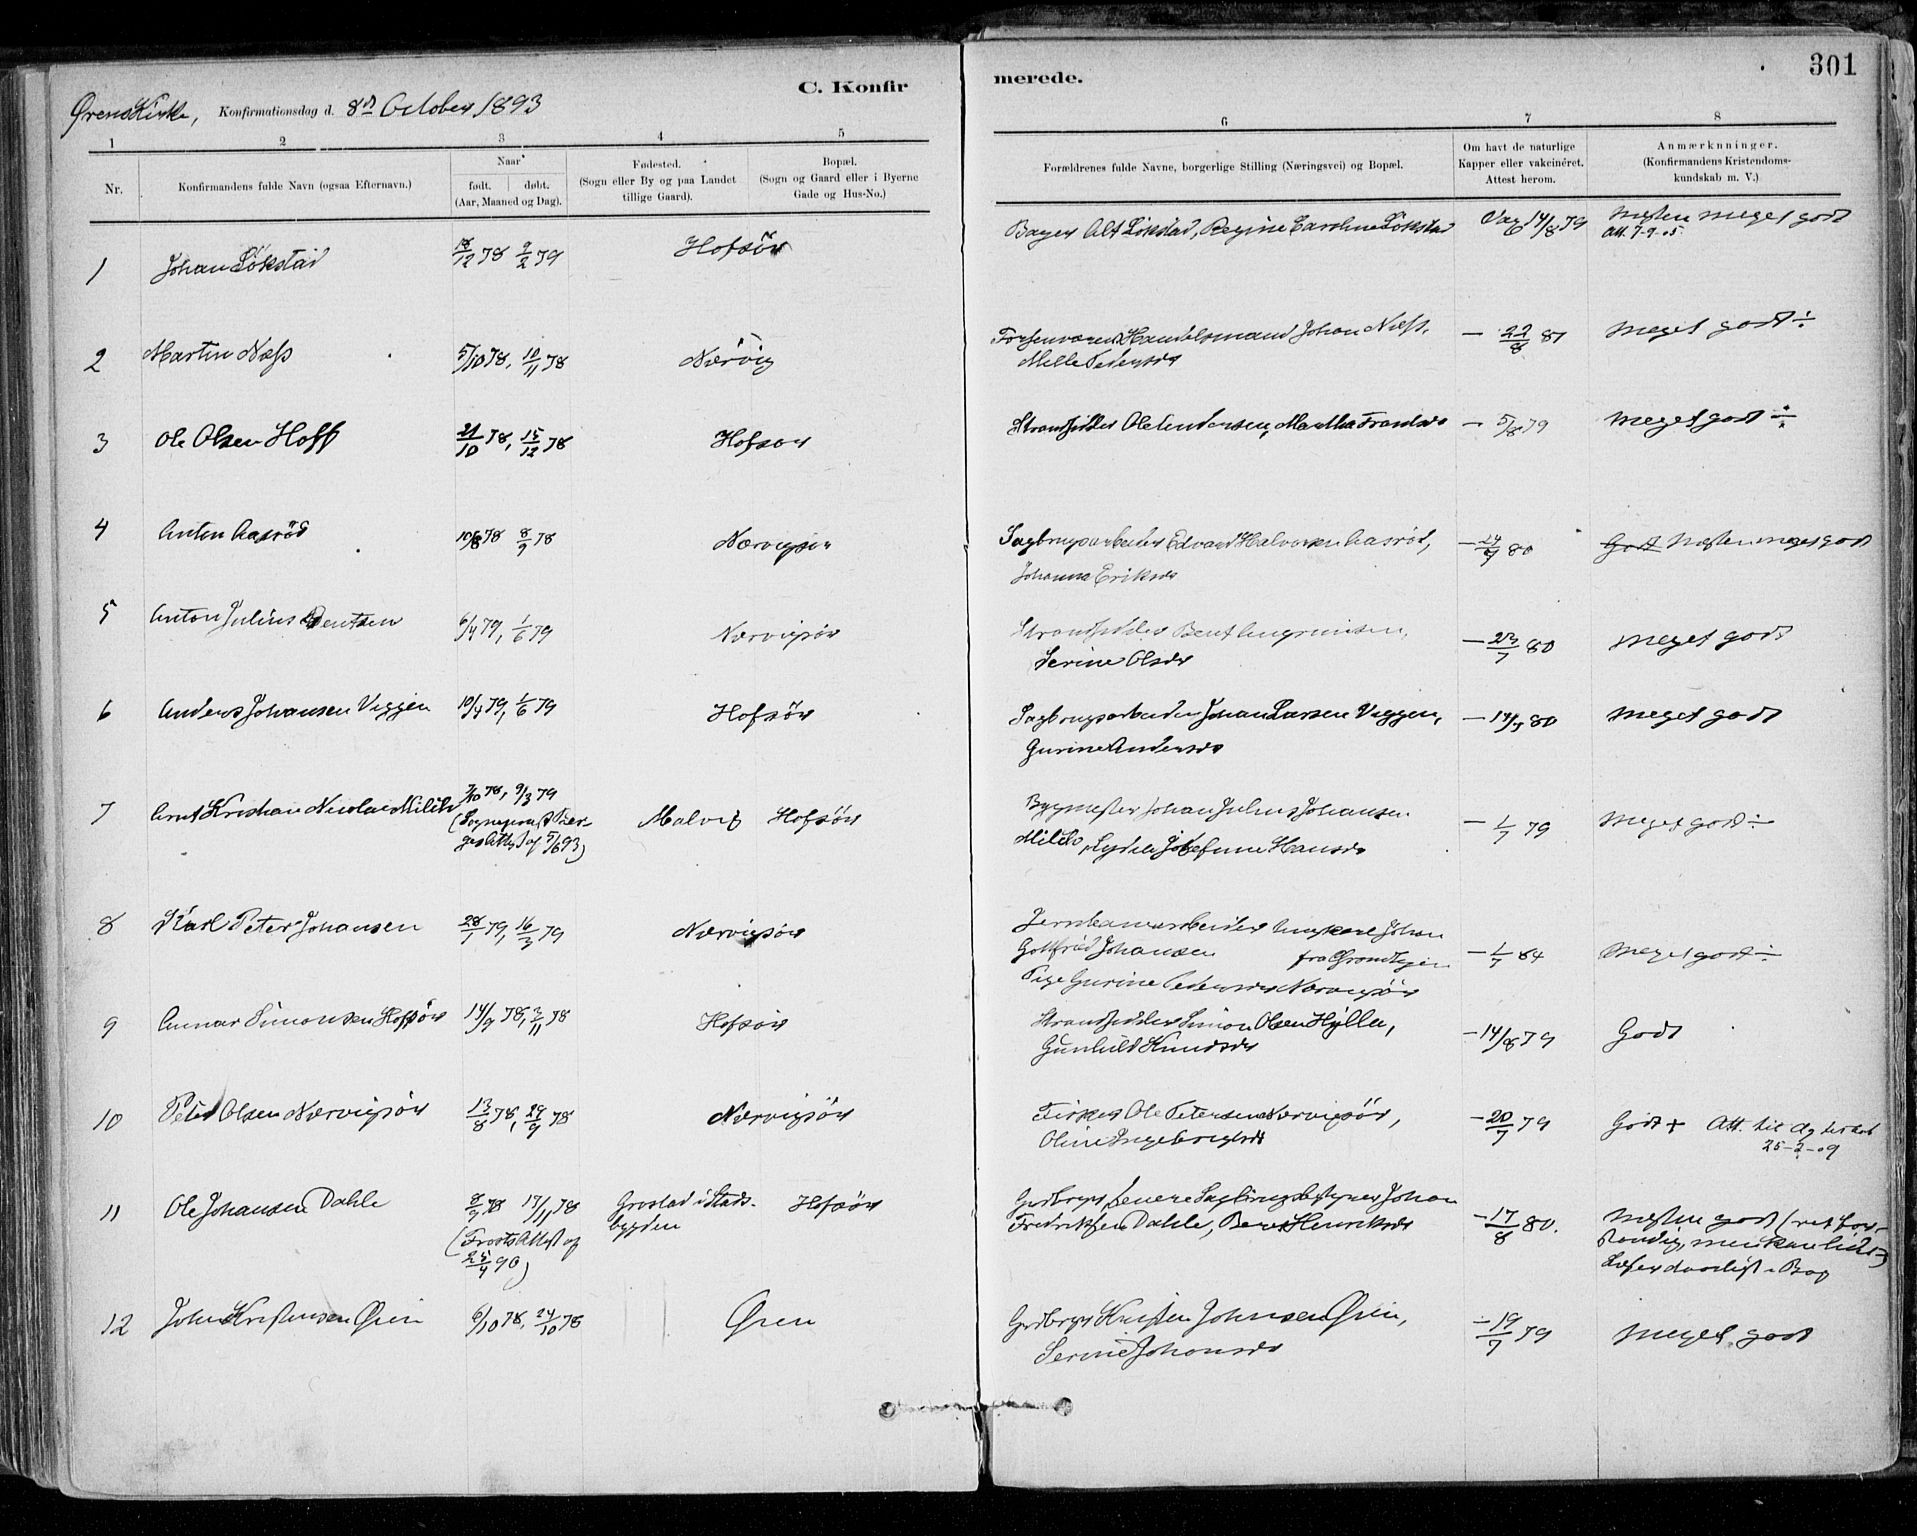 SAT, Ministerialprotokoller, klokkerbøker og fødselsregistre - Sør-Trøndelag, 668/L0809: Ministerialbok nr. 668A09, 1881-1895, s. 301